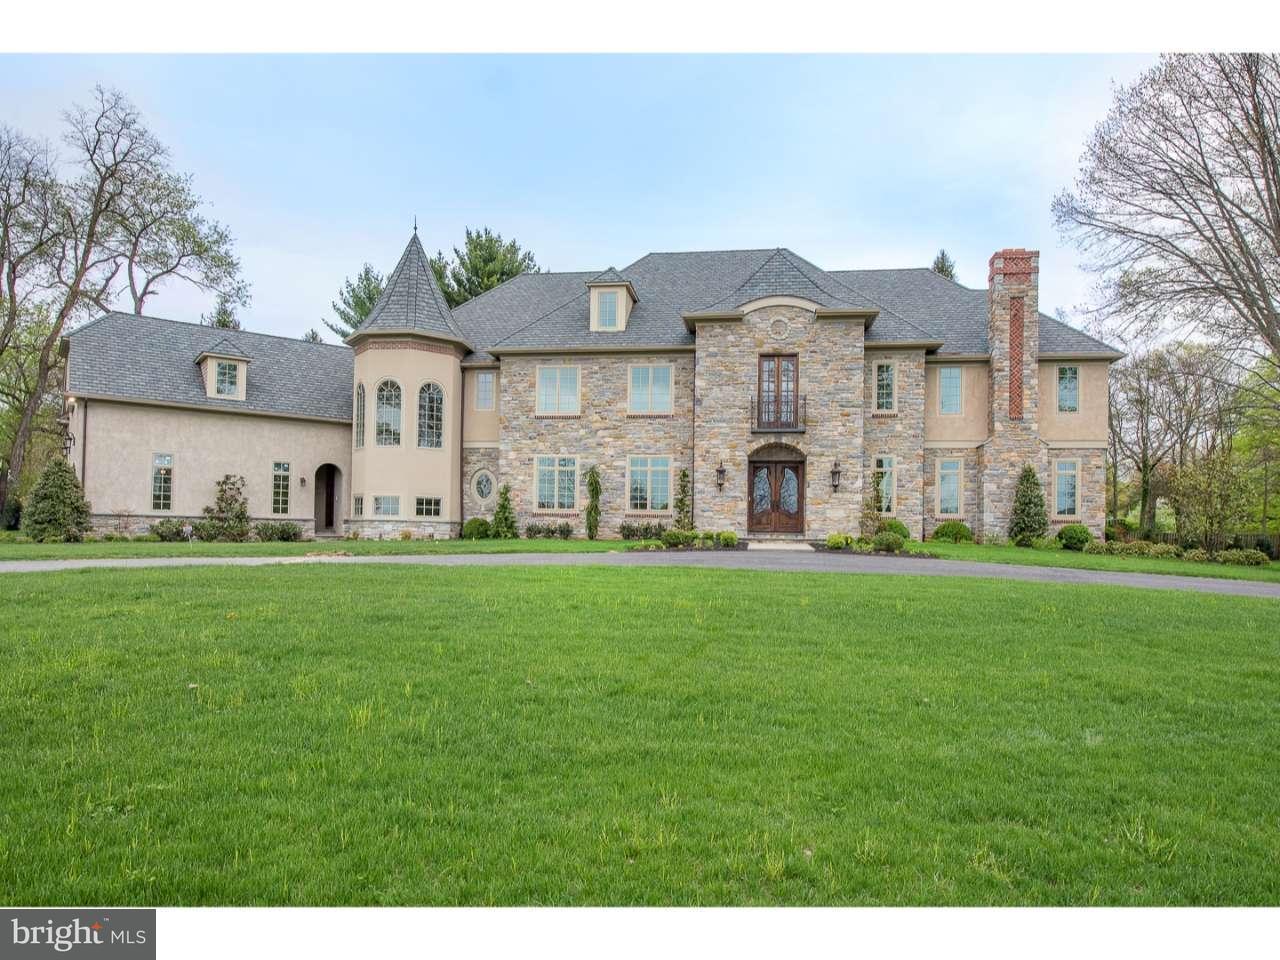 Maison unifamiliale pour l Vente à 264 ABRAHAMS Lane Villanova, Pennsylvanie 19085 États-Unis